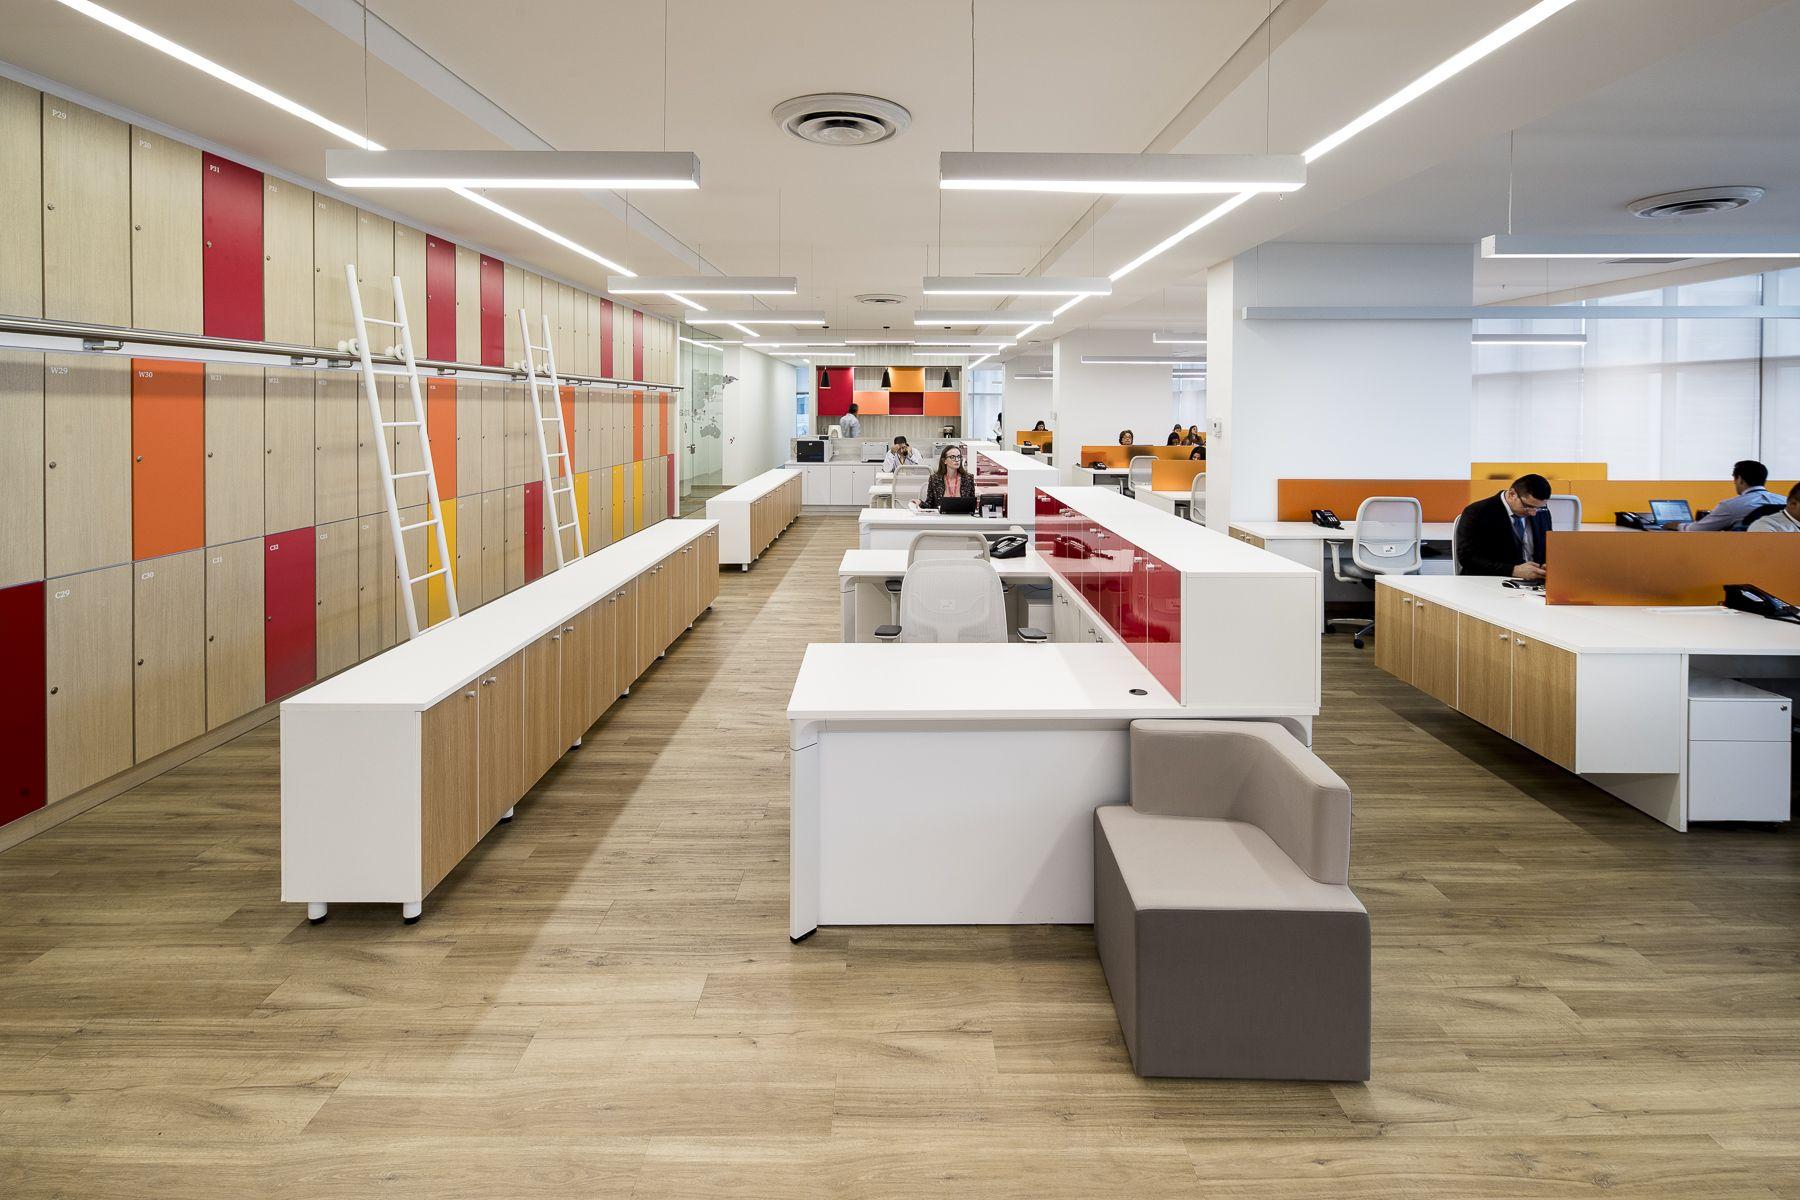 Oficinas de pwc panam dise o y construcci n arquitectura for Arquitectura de interiores